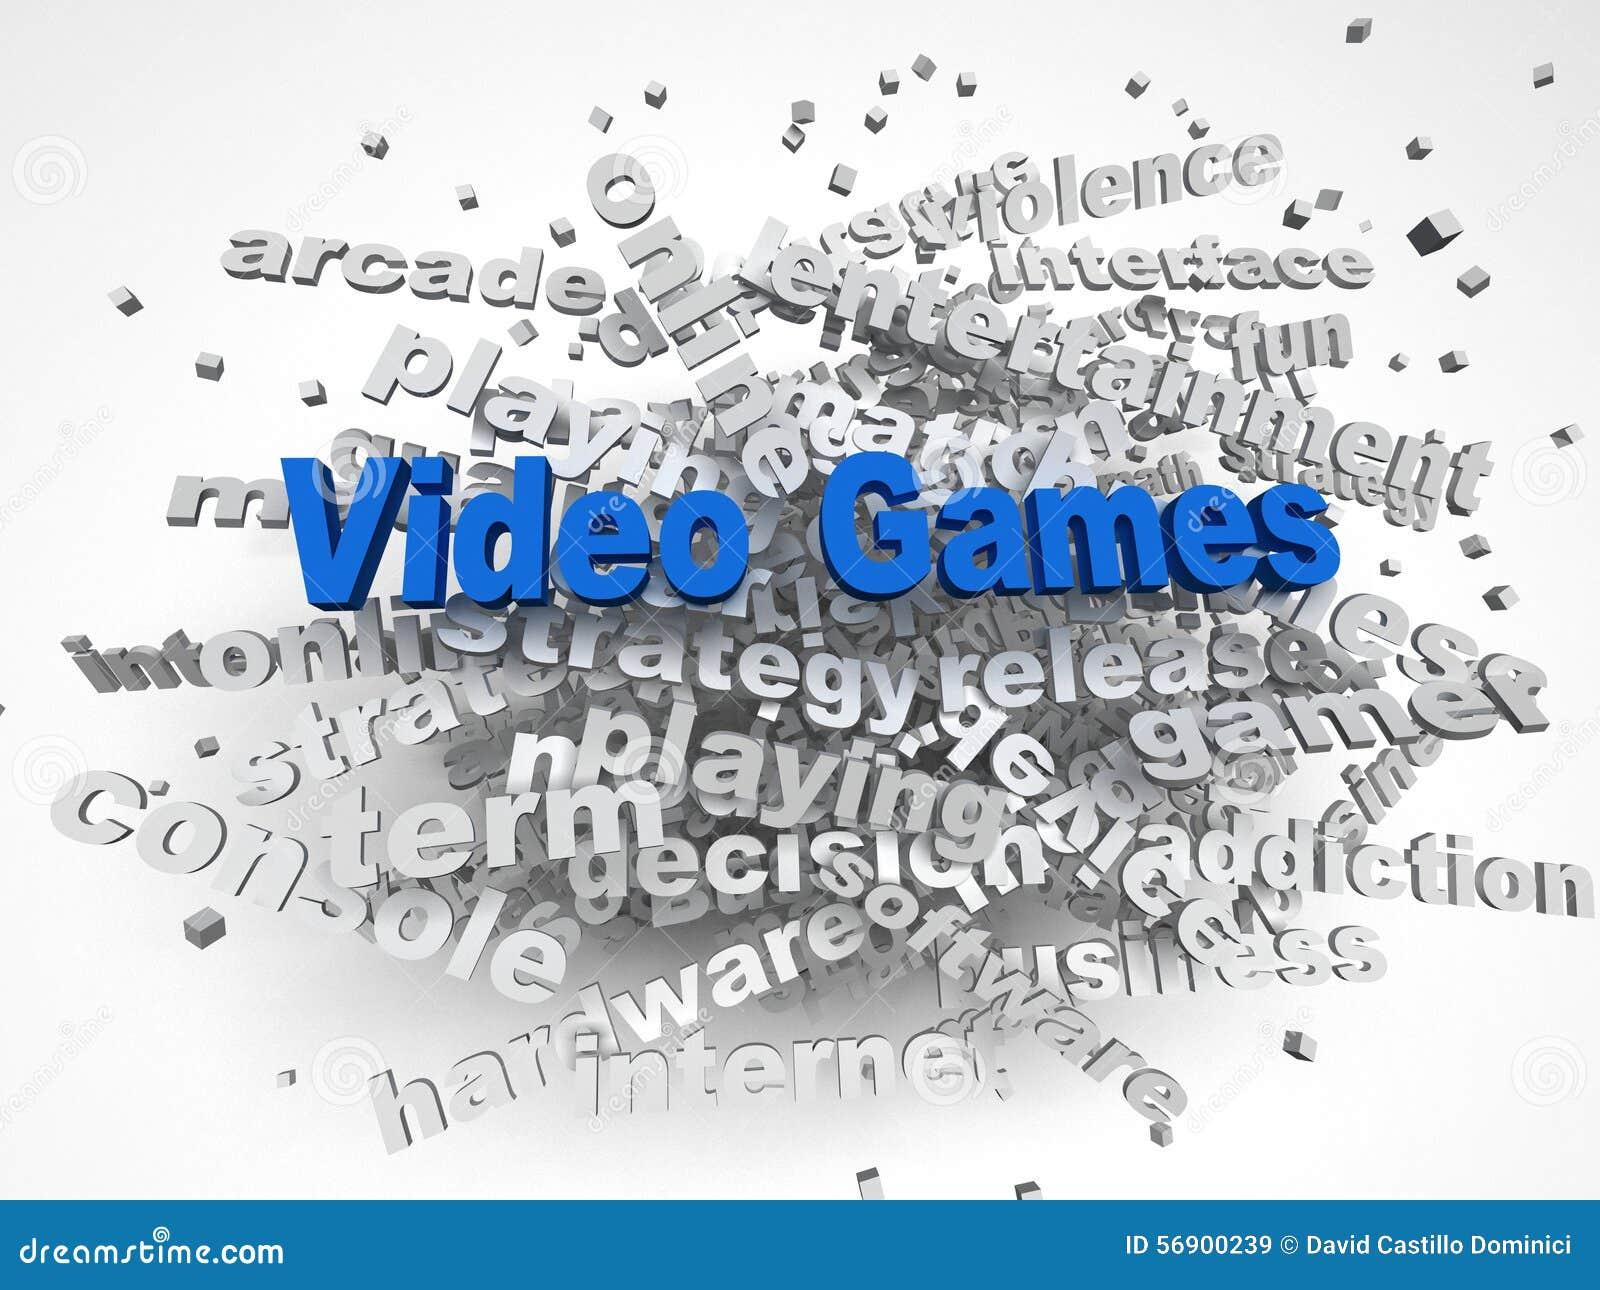 τρισδιάστατο υπόβαθρο σύννεφων λέξης έννοιας ζητημάτων παιχνιδιών εικόνας τηλεοπτικό